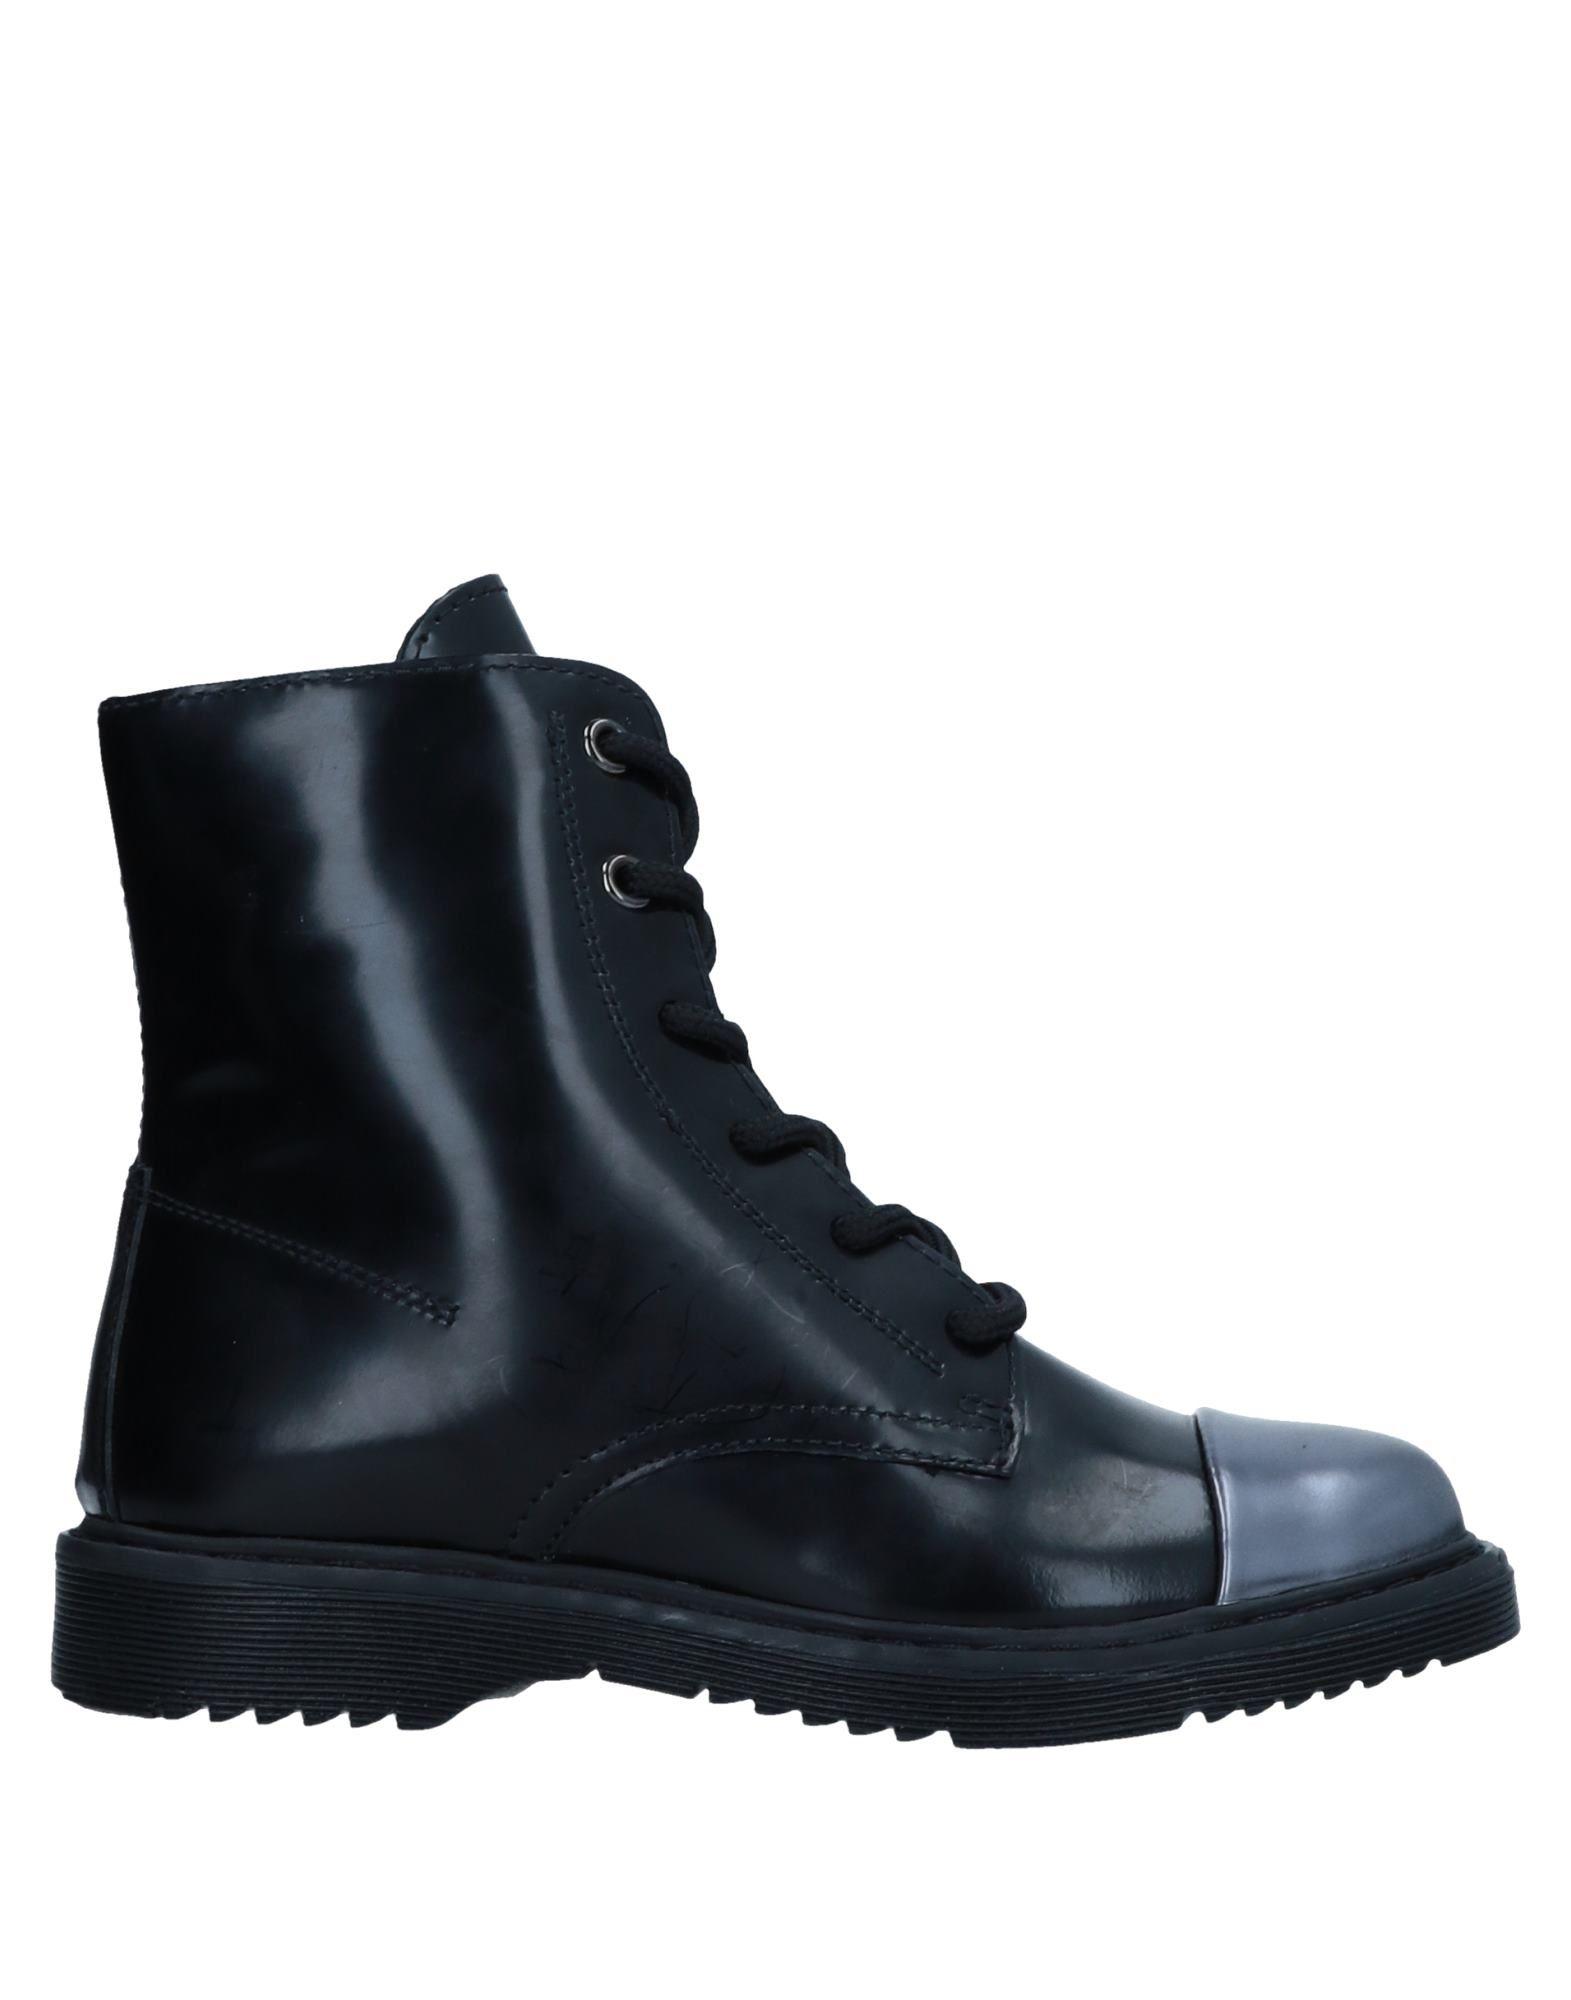 《送料無料》CULT ガールズ 3-8 歳 ショートブーツ ブラック 29 革 / 紡績繊維